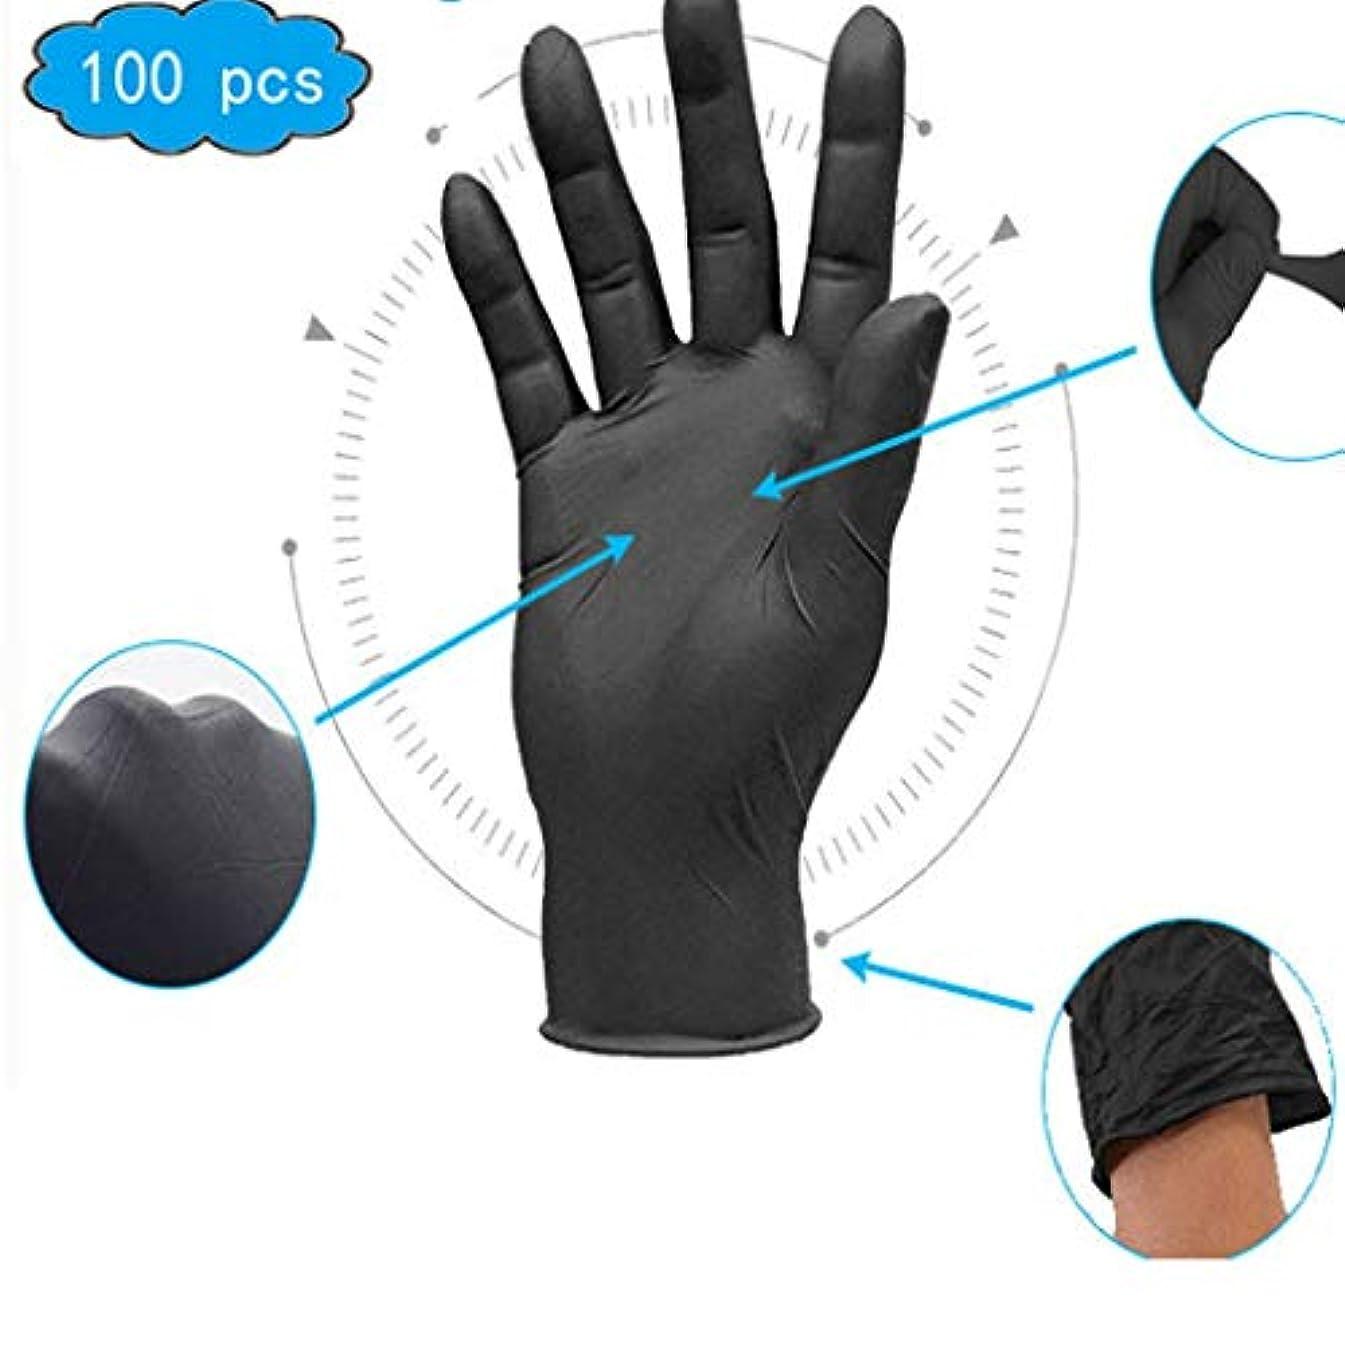 コスト相談するワーカー使い捨て手袋 - 健康における、パウダーフリー、ラテックスフリー、大型の100箱、サニタリーグローブ、家庭用ベビーケア用品、研究室および科学製品 (Color : Black, Size : XL)